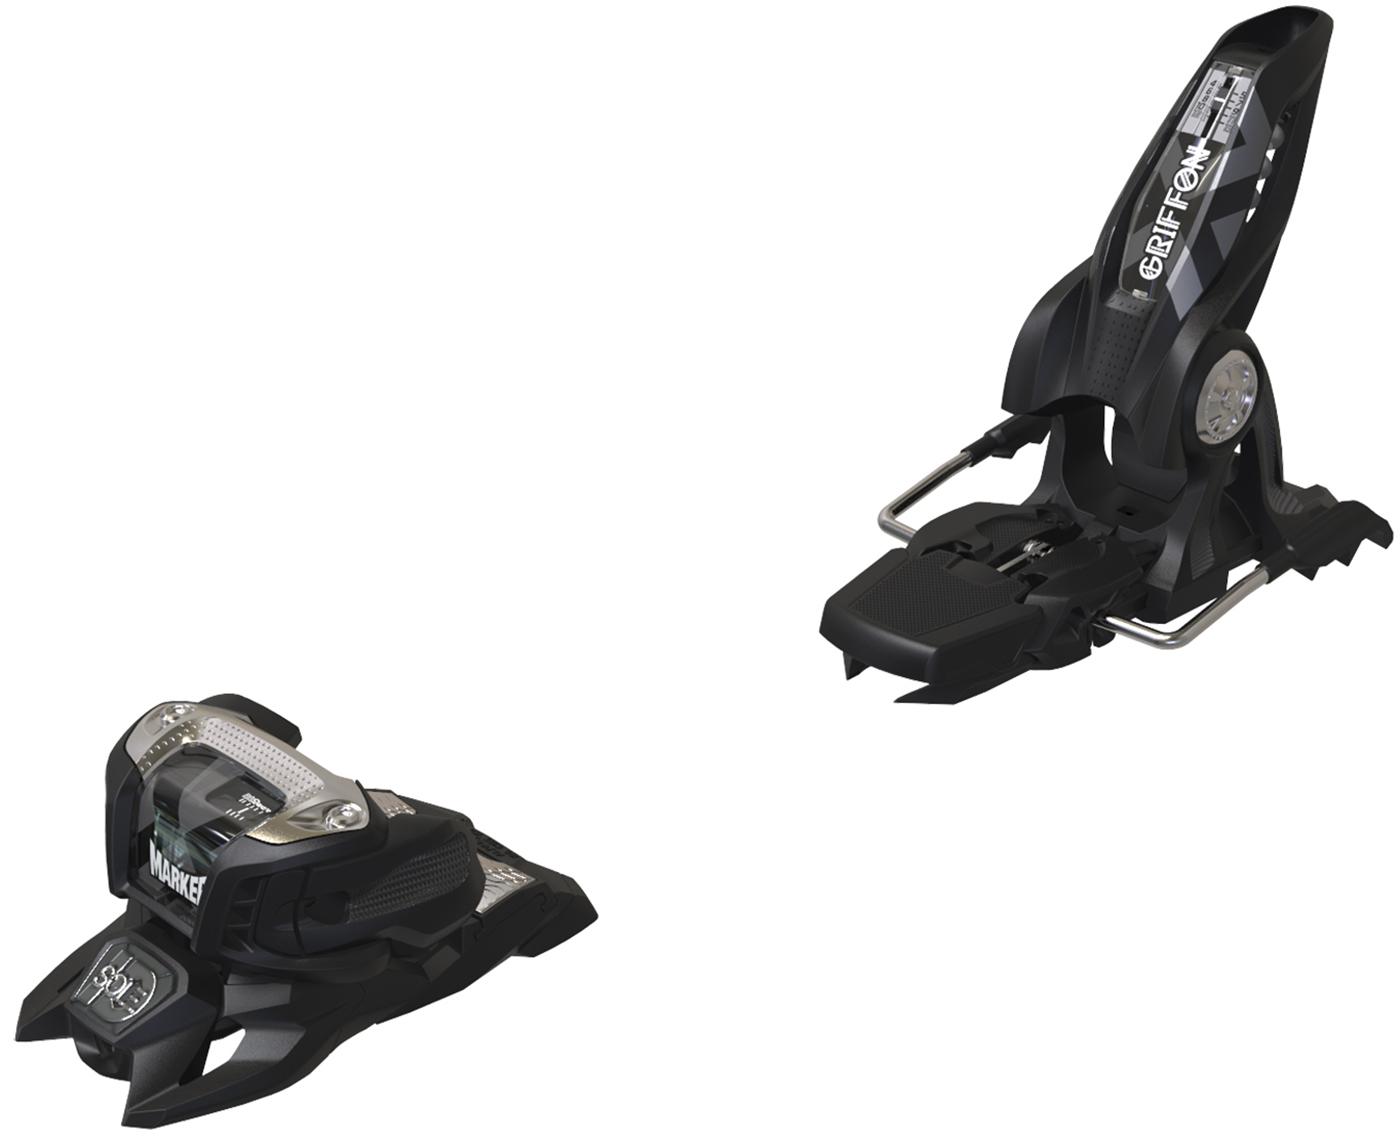 Marker Крепления для горных лыж Marker Griffon 13 ID; 120 мм